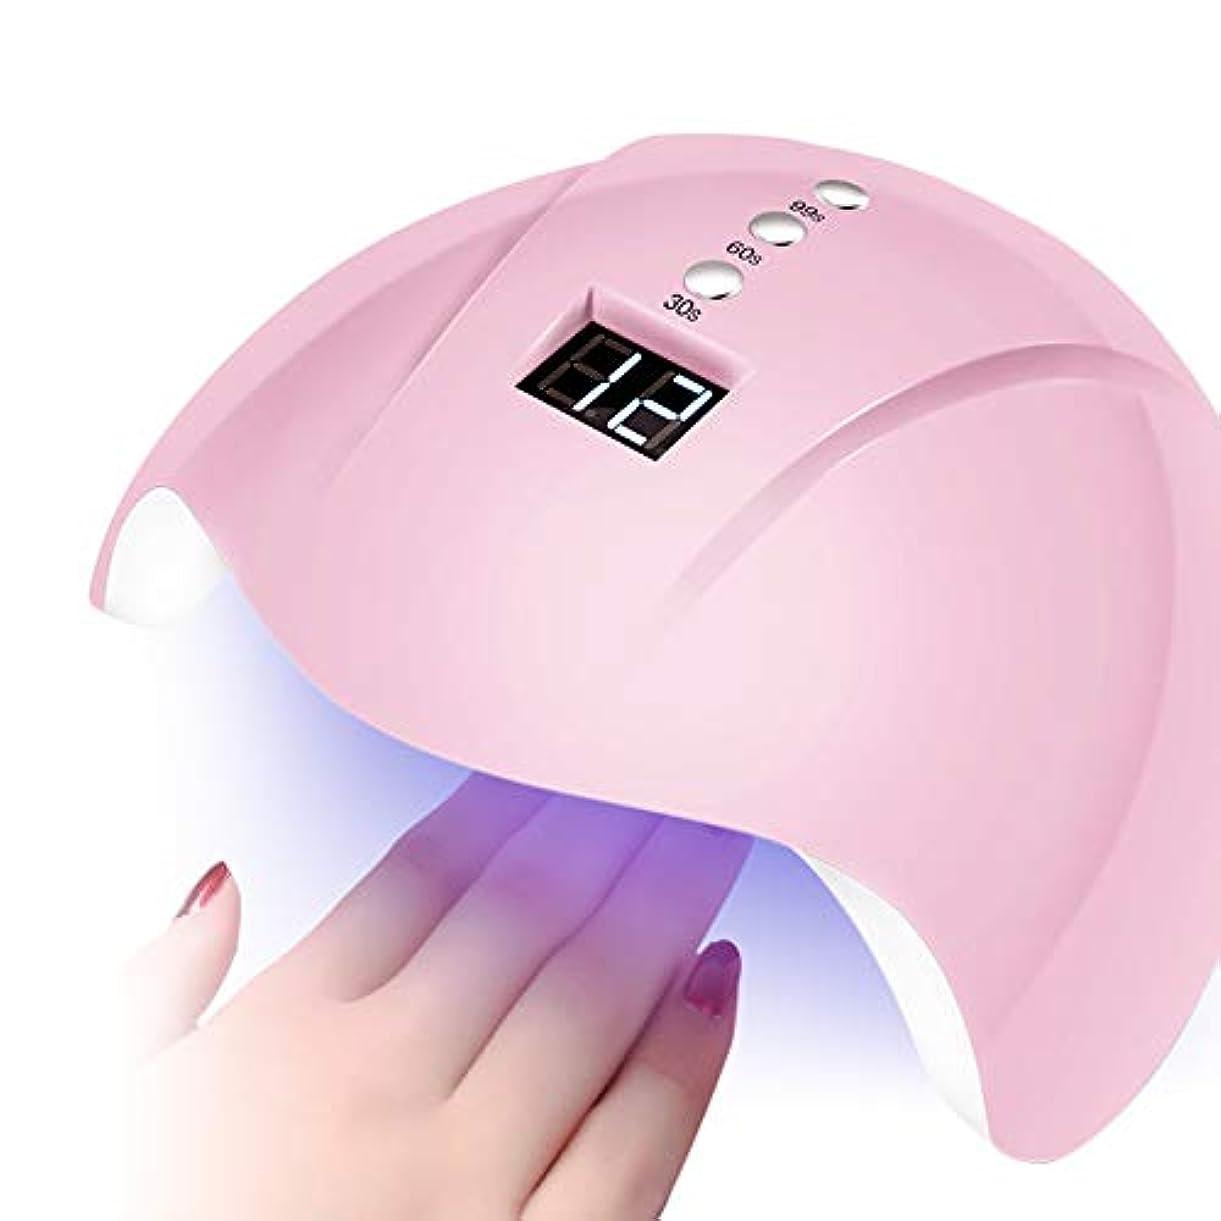 2019最新版 LEDネイルドライヤー UVライト 36W LED硬化ライト 自動センサー 3段階タイマー設定 12LED 高速硬化ジェルネイルライトUVとLEDダブルライト ジェルネイル用 (ピンク)